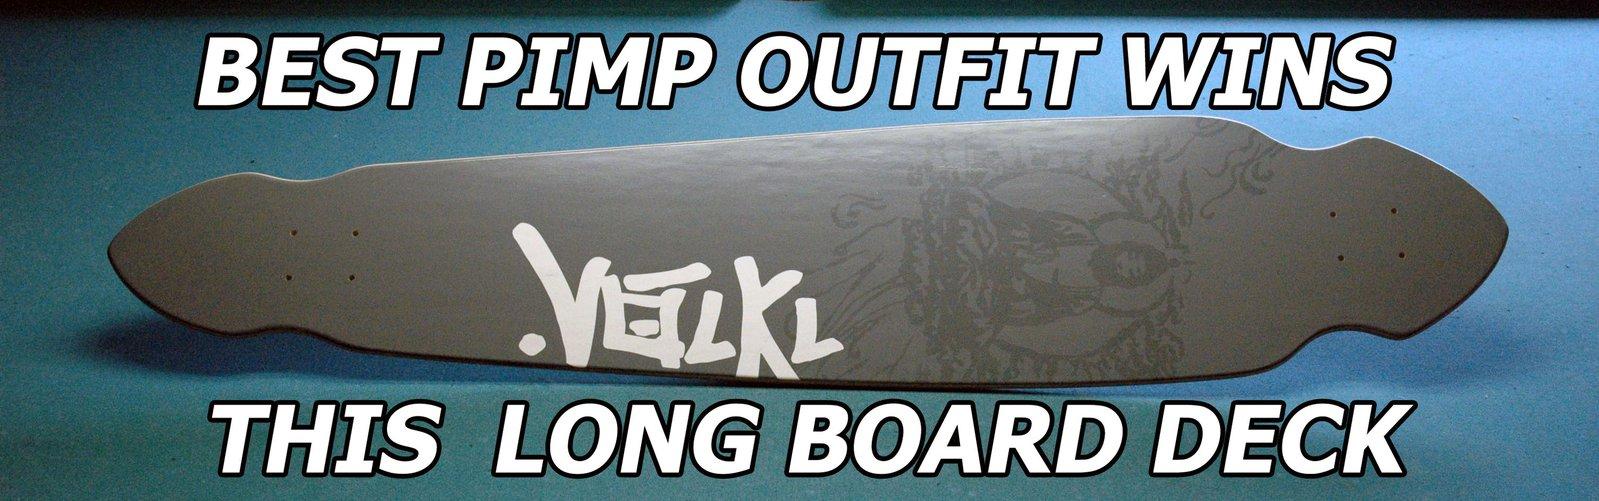 Pimp the park long board 2